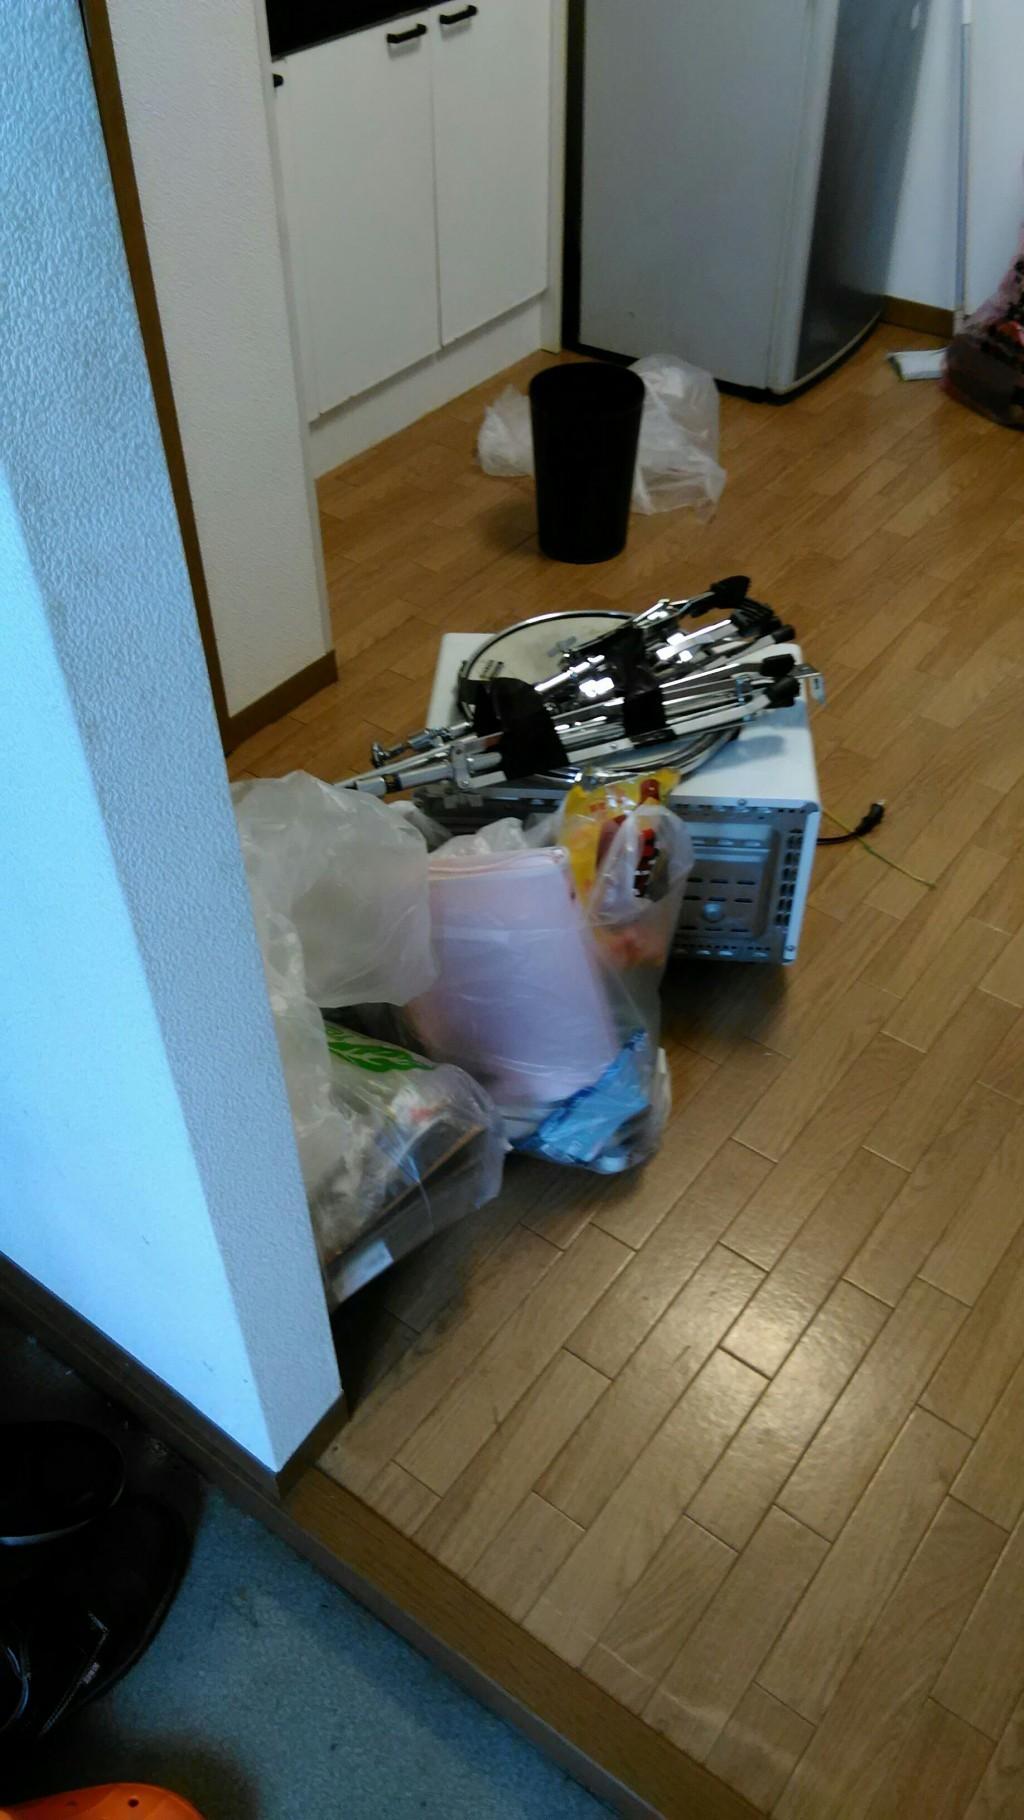 【高岡市】リクライニングチェアなどの回収☆希望日までに処分できお喜びいただけました!